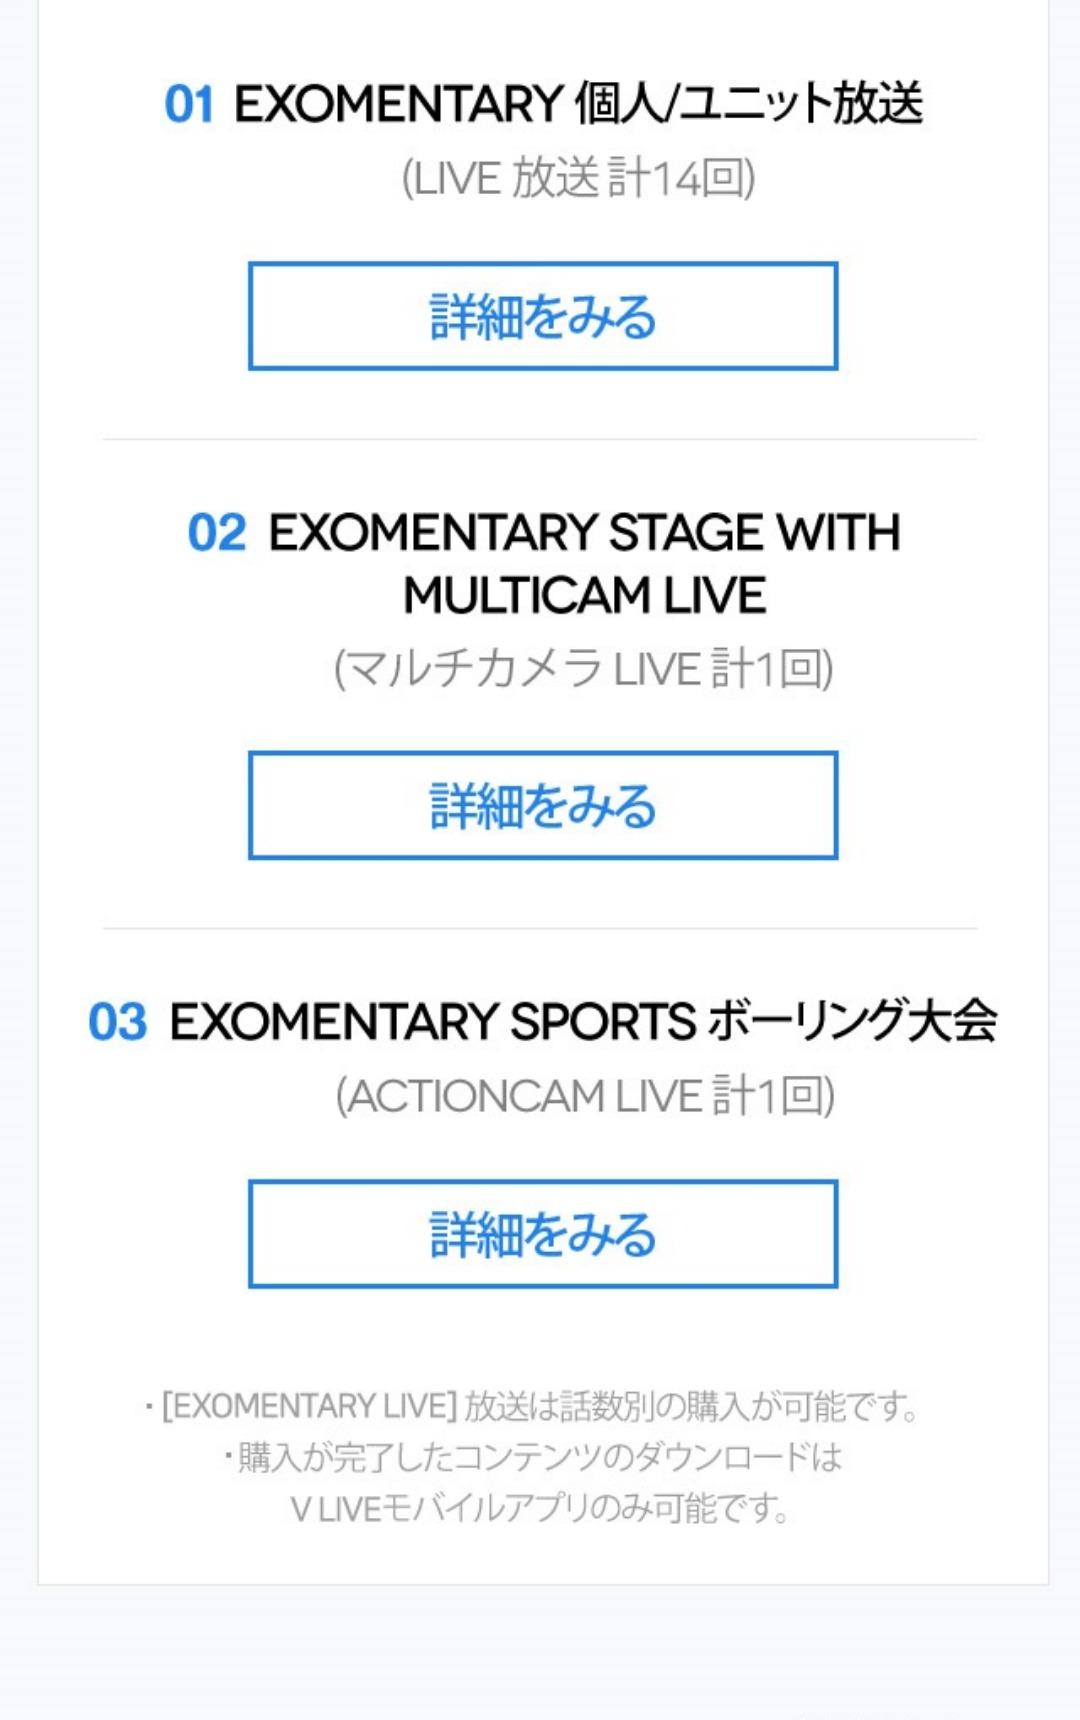 EXO Vアプリ